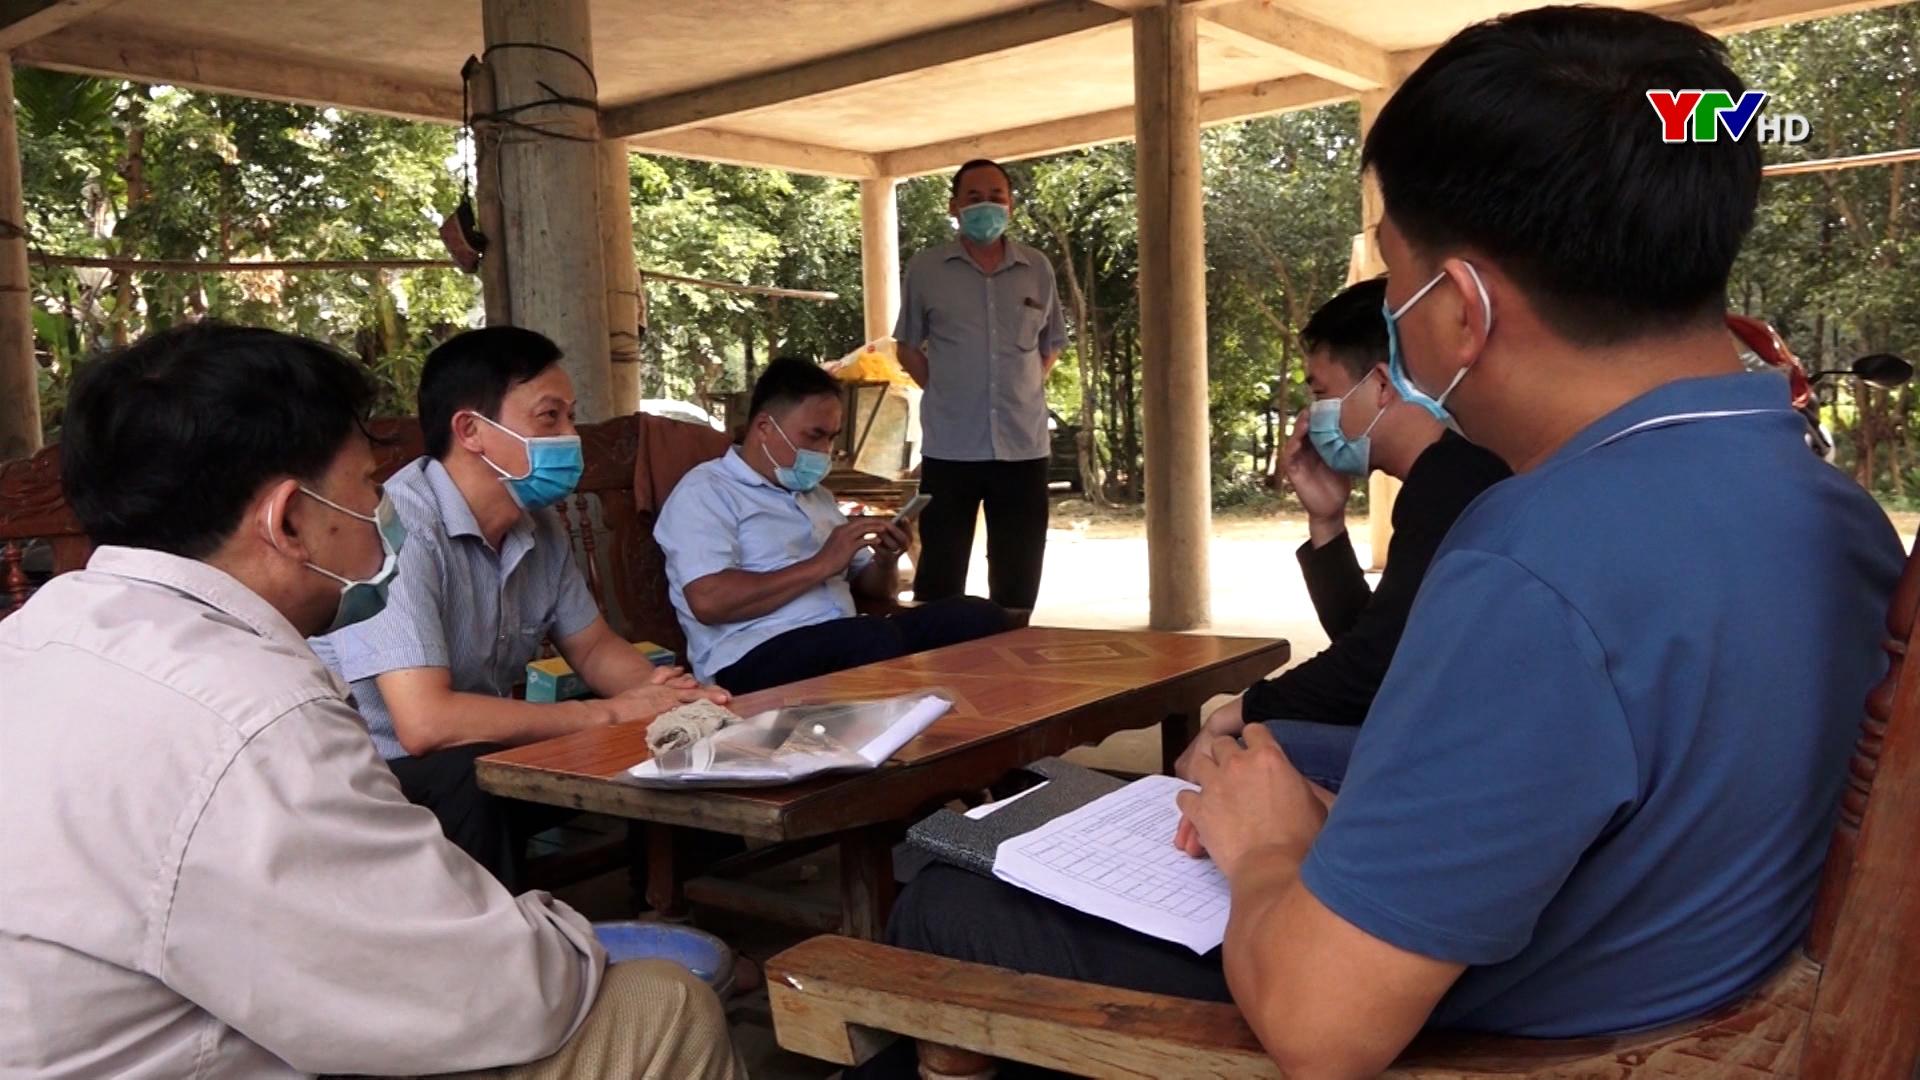 Huyện Lục Yên xử phạt 54 trường hợp vi phạm quy định về phòng, chống COVID – 19